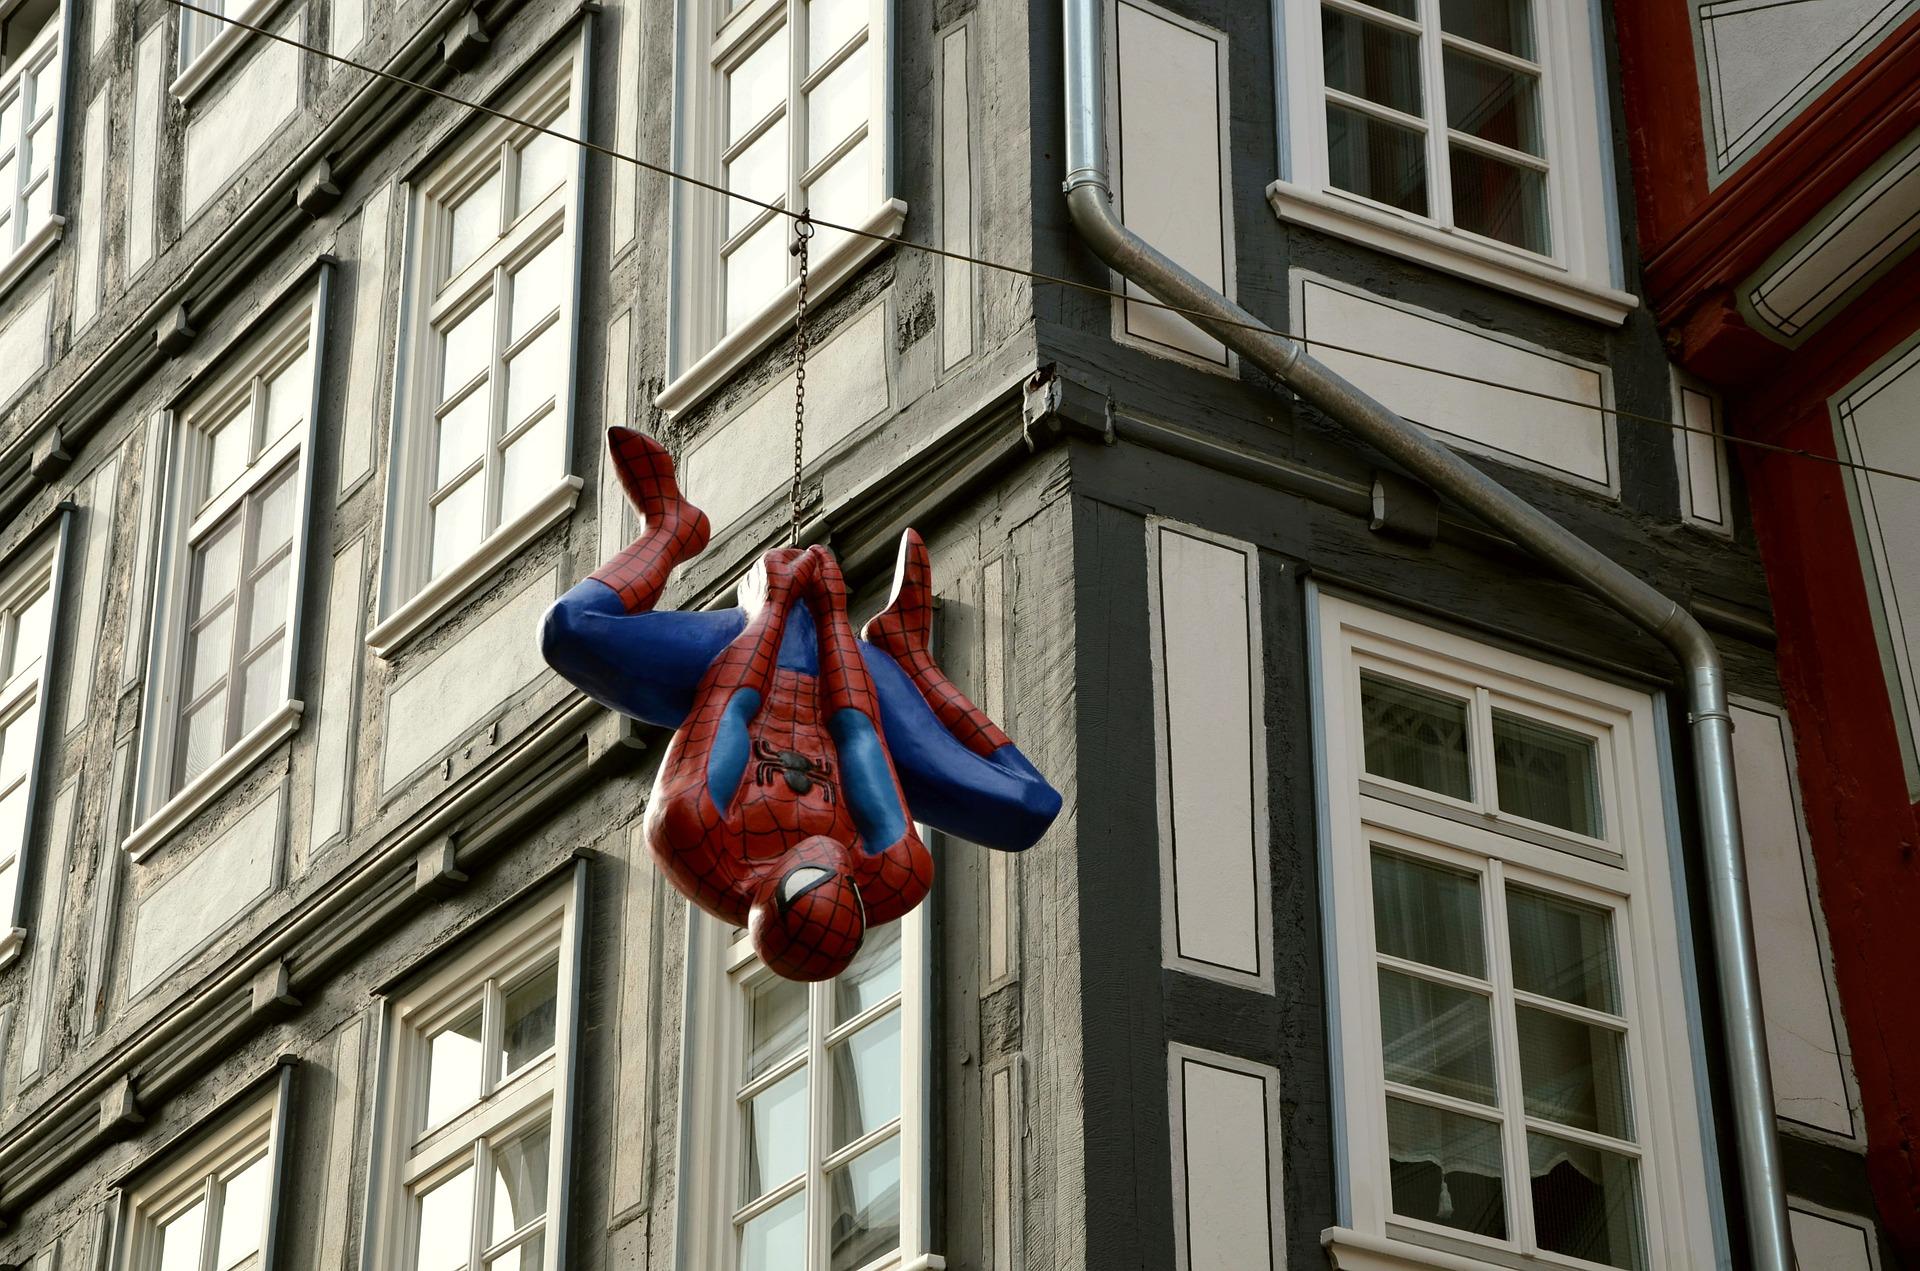 Na ficção, Peter Parker ganha poderes ao ser picado por uma aranha radioativa (Fonte: Pixabay)